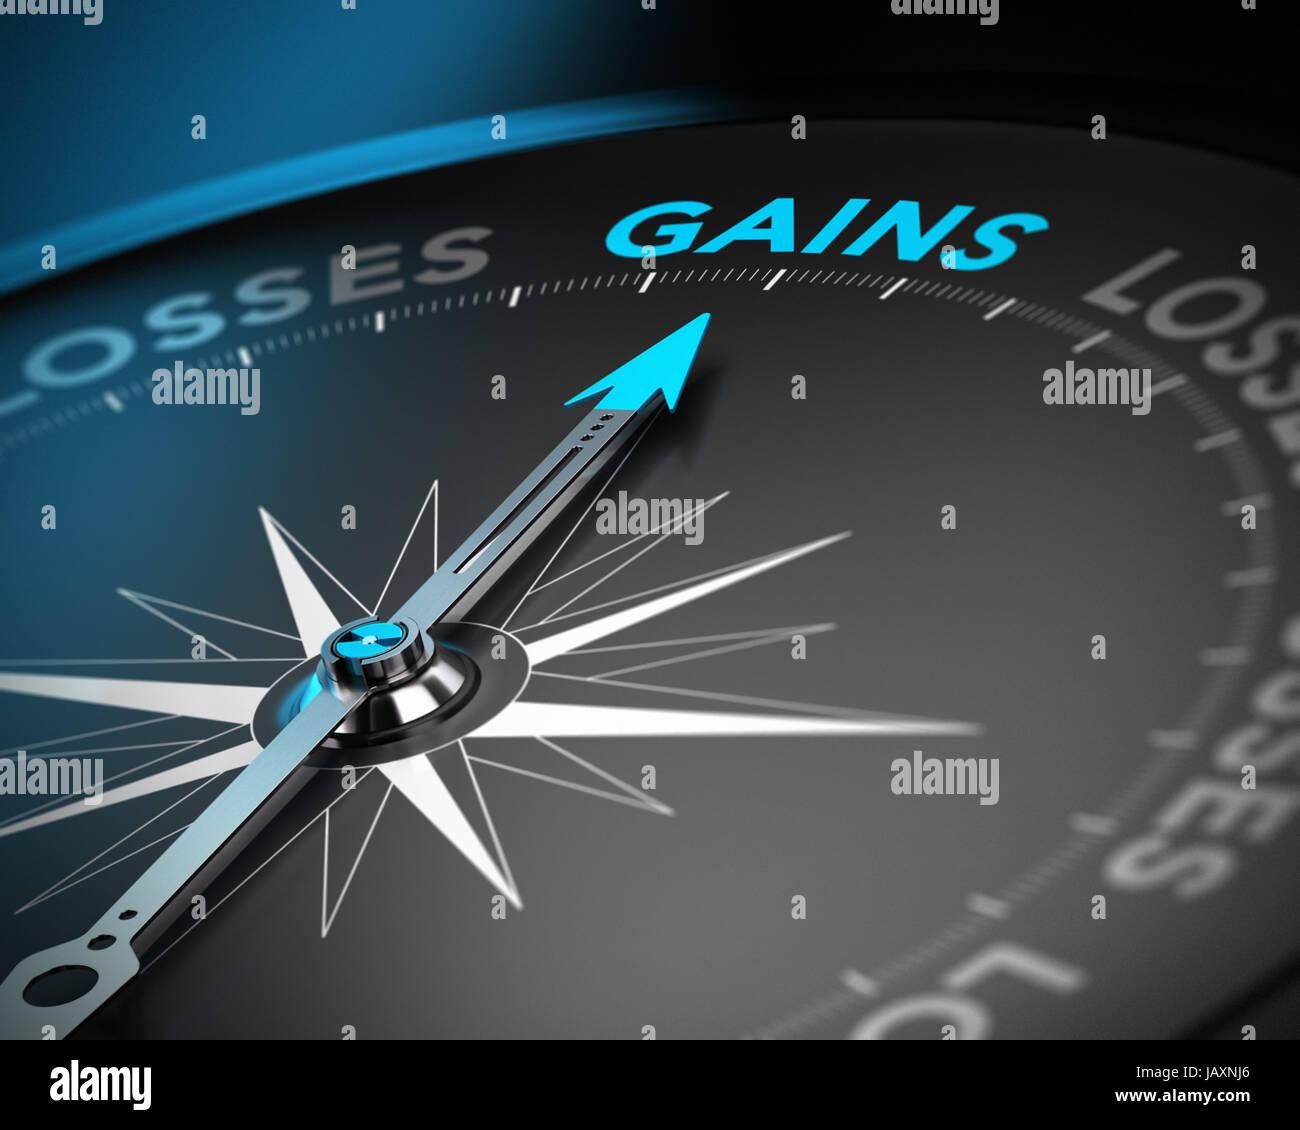 Finanzielle Beratungskonzept. Kompassnadel zeigt das Wort erringt auf schwarzem Hintergrund mit Blur-Effekt Stockfoto